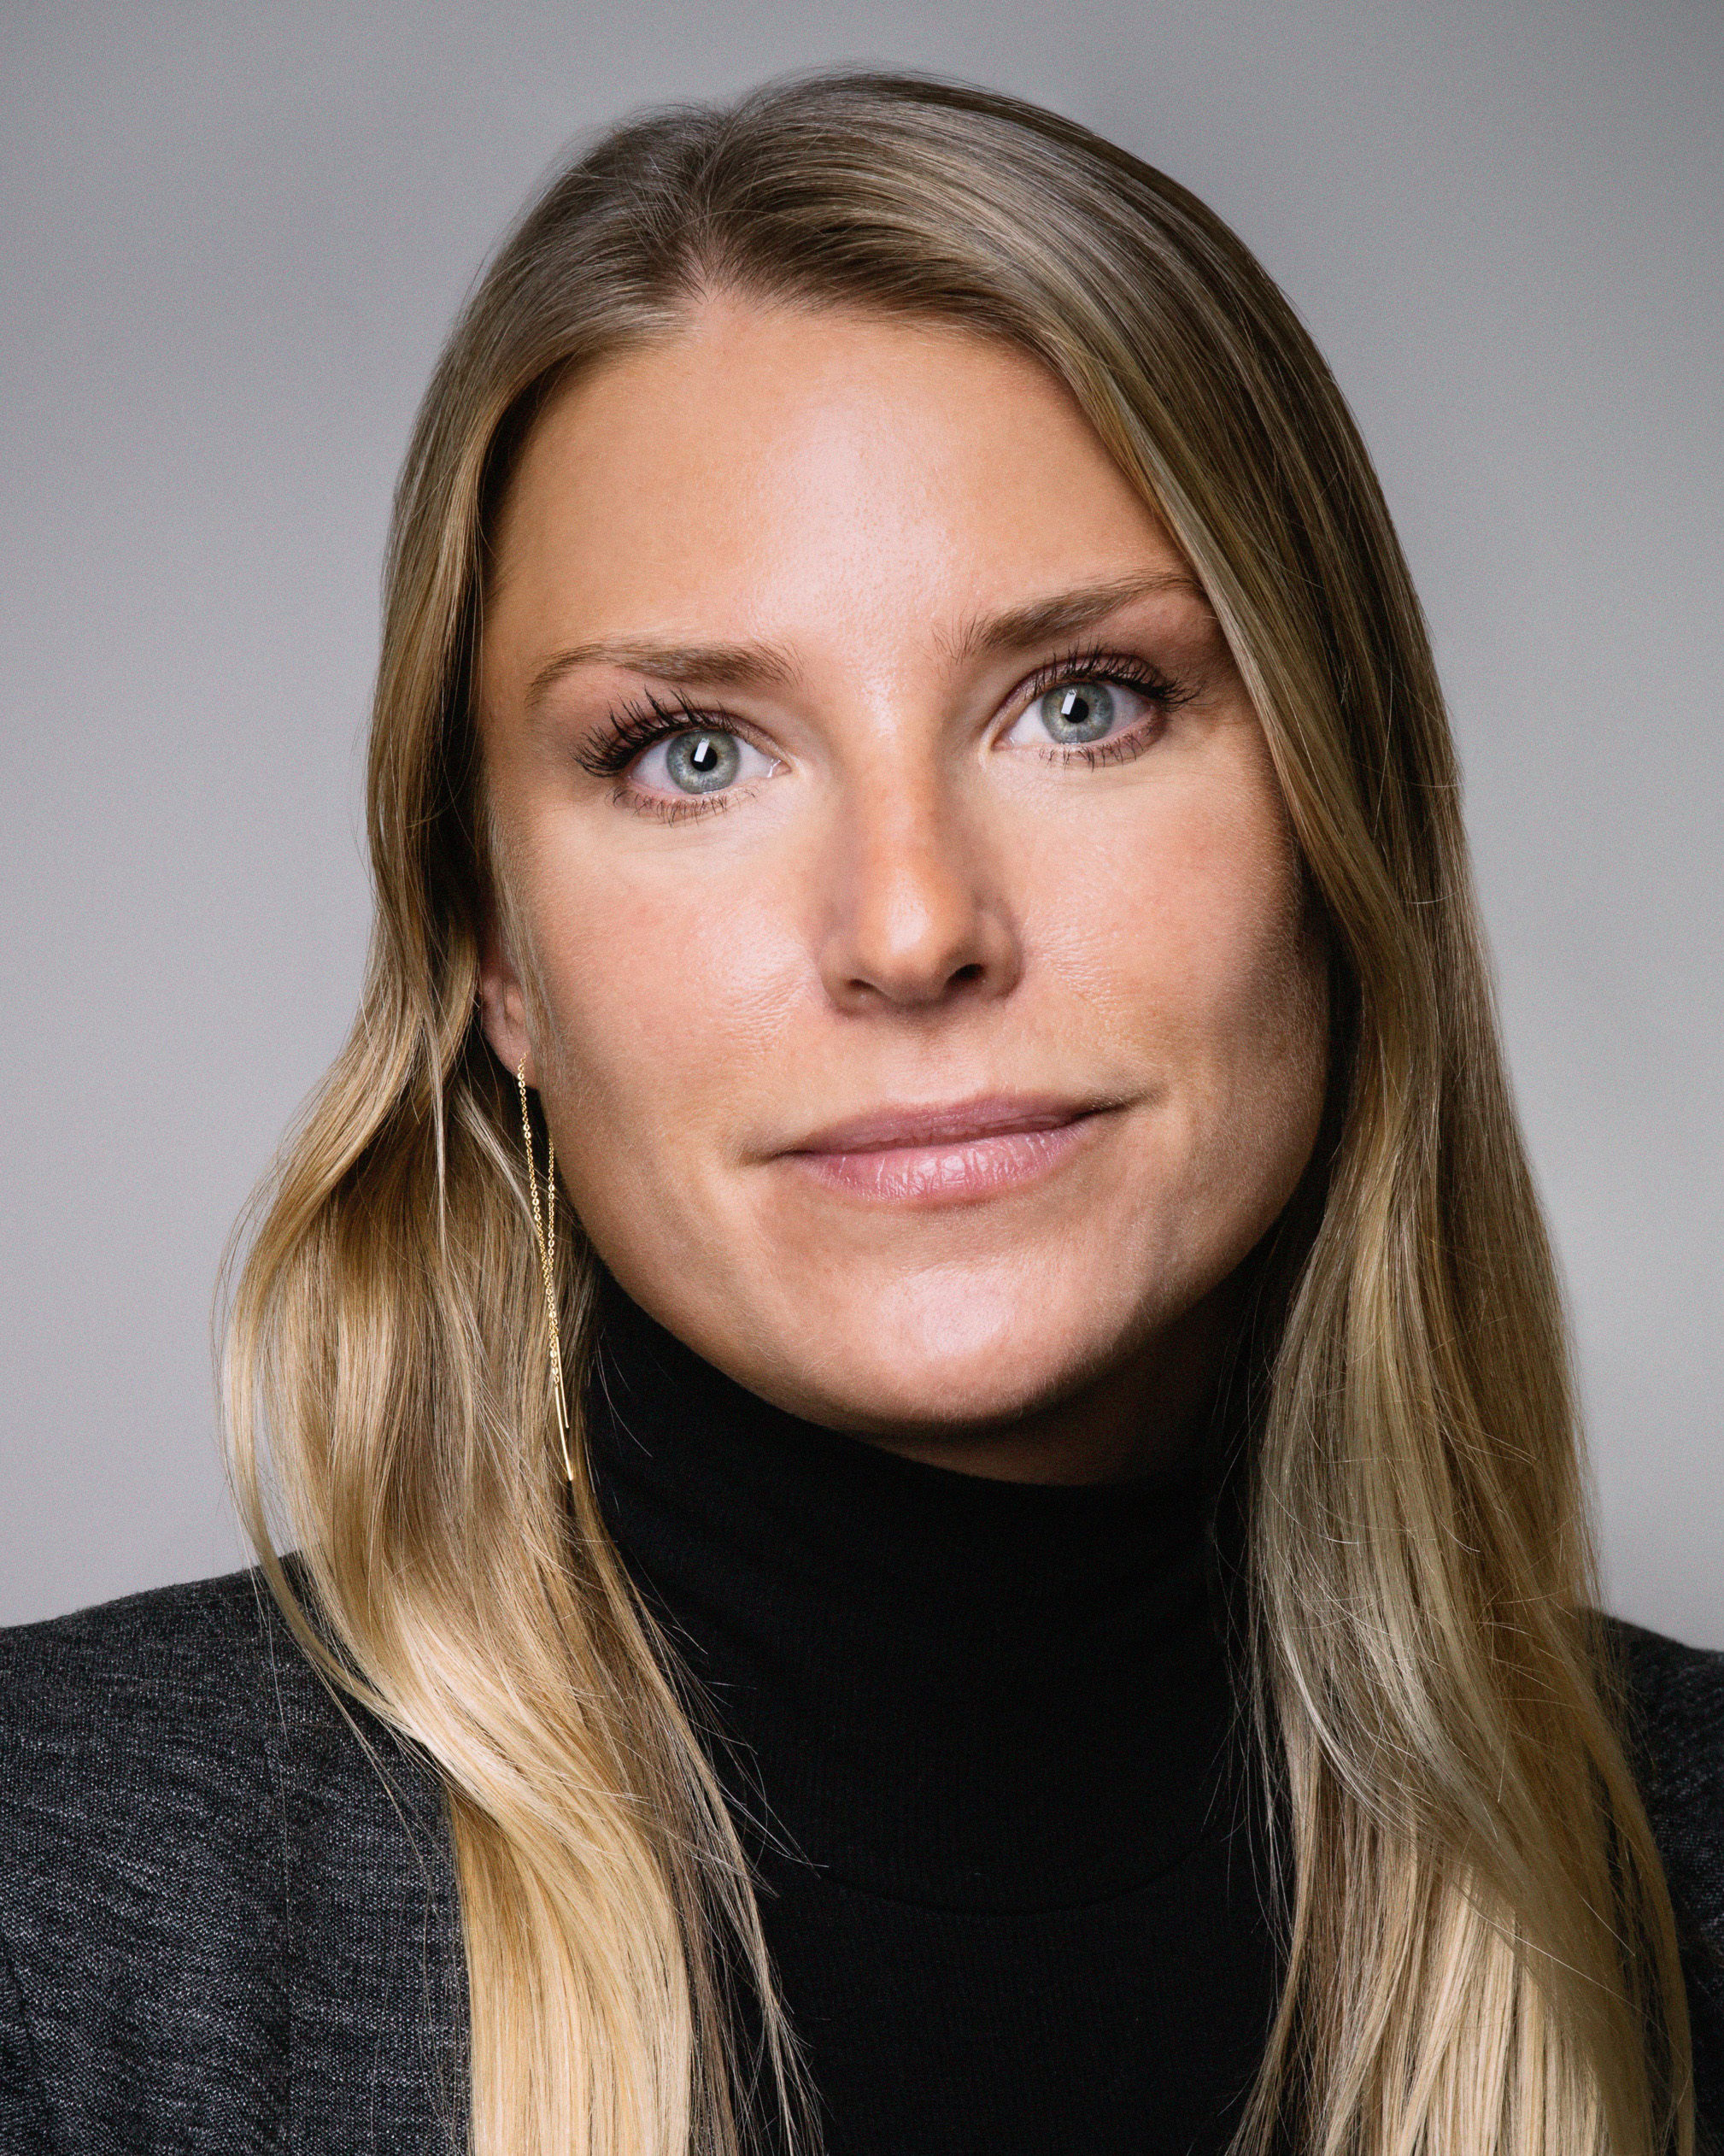 Photo of Allison Van Kampen